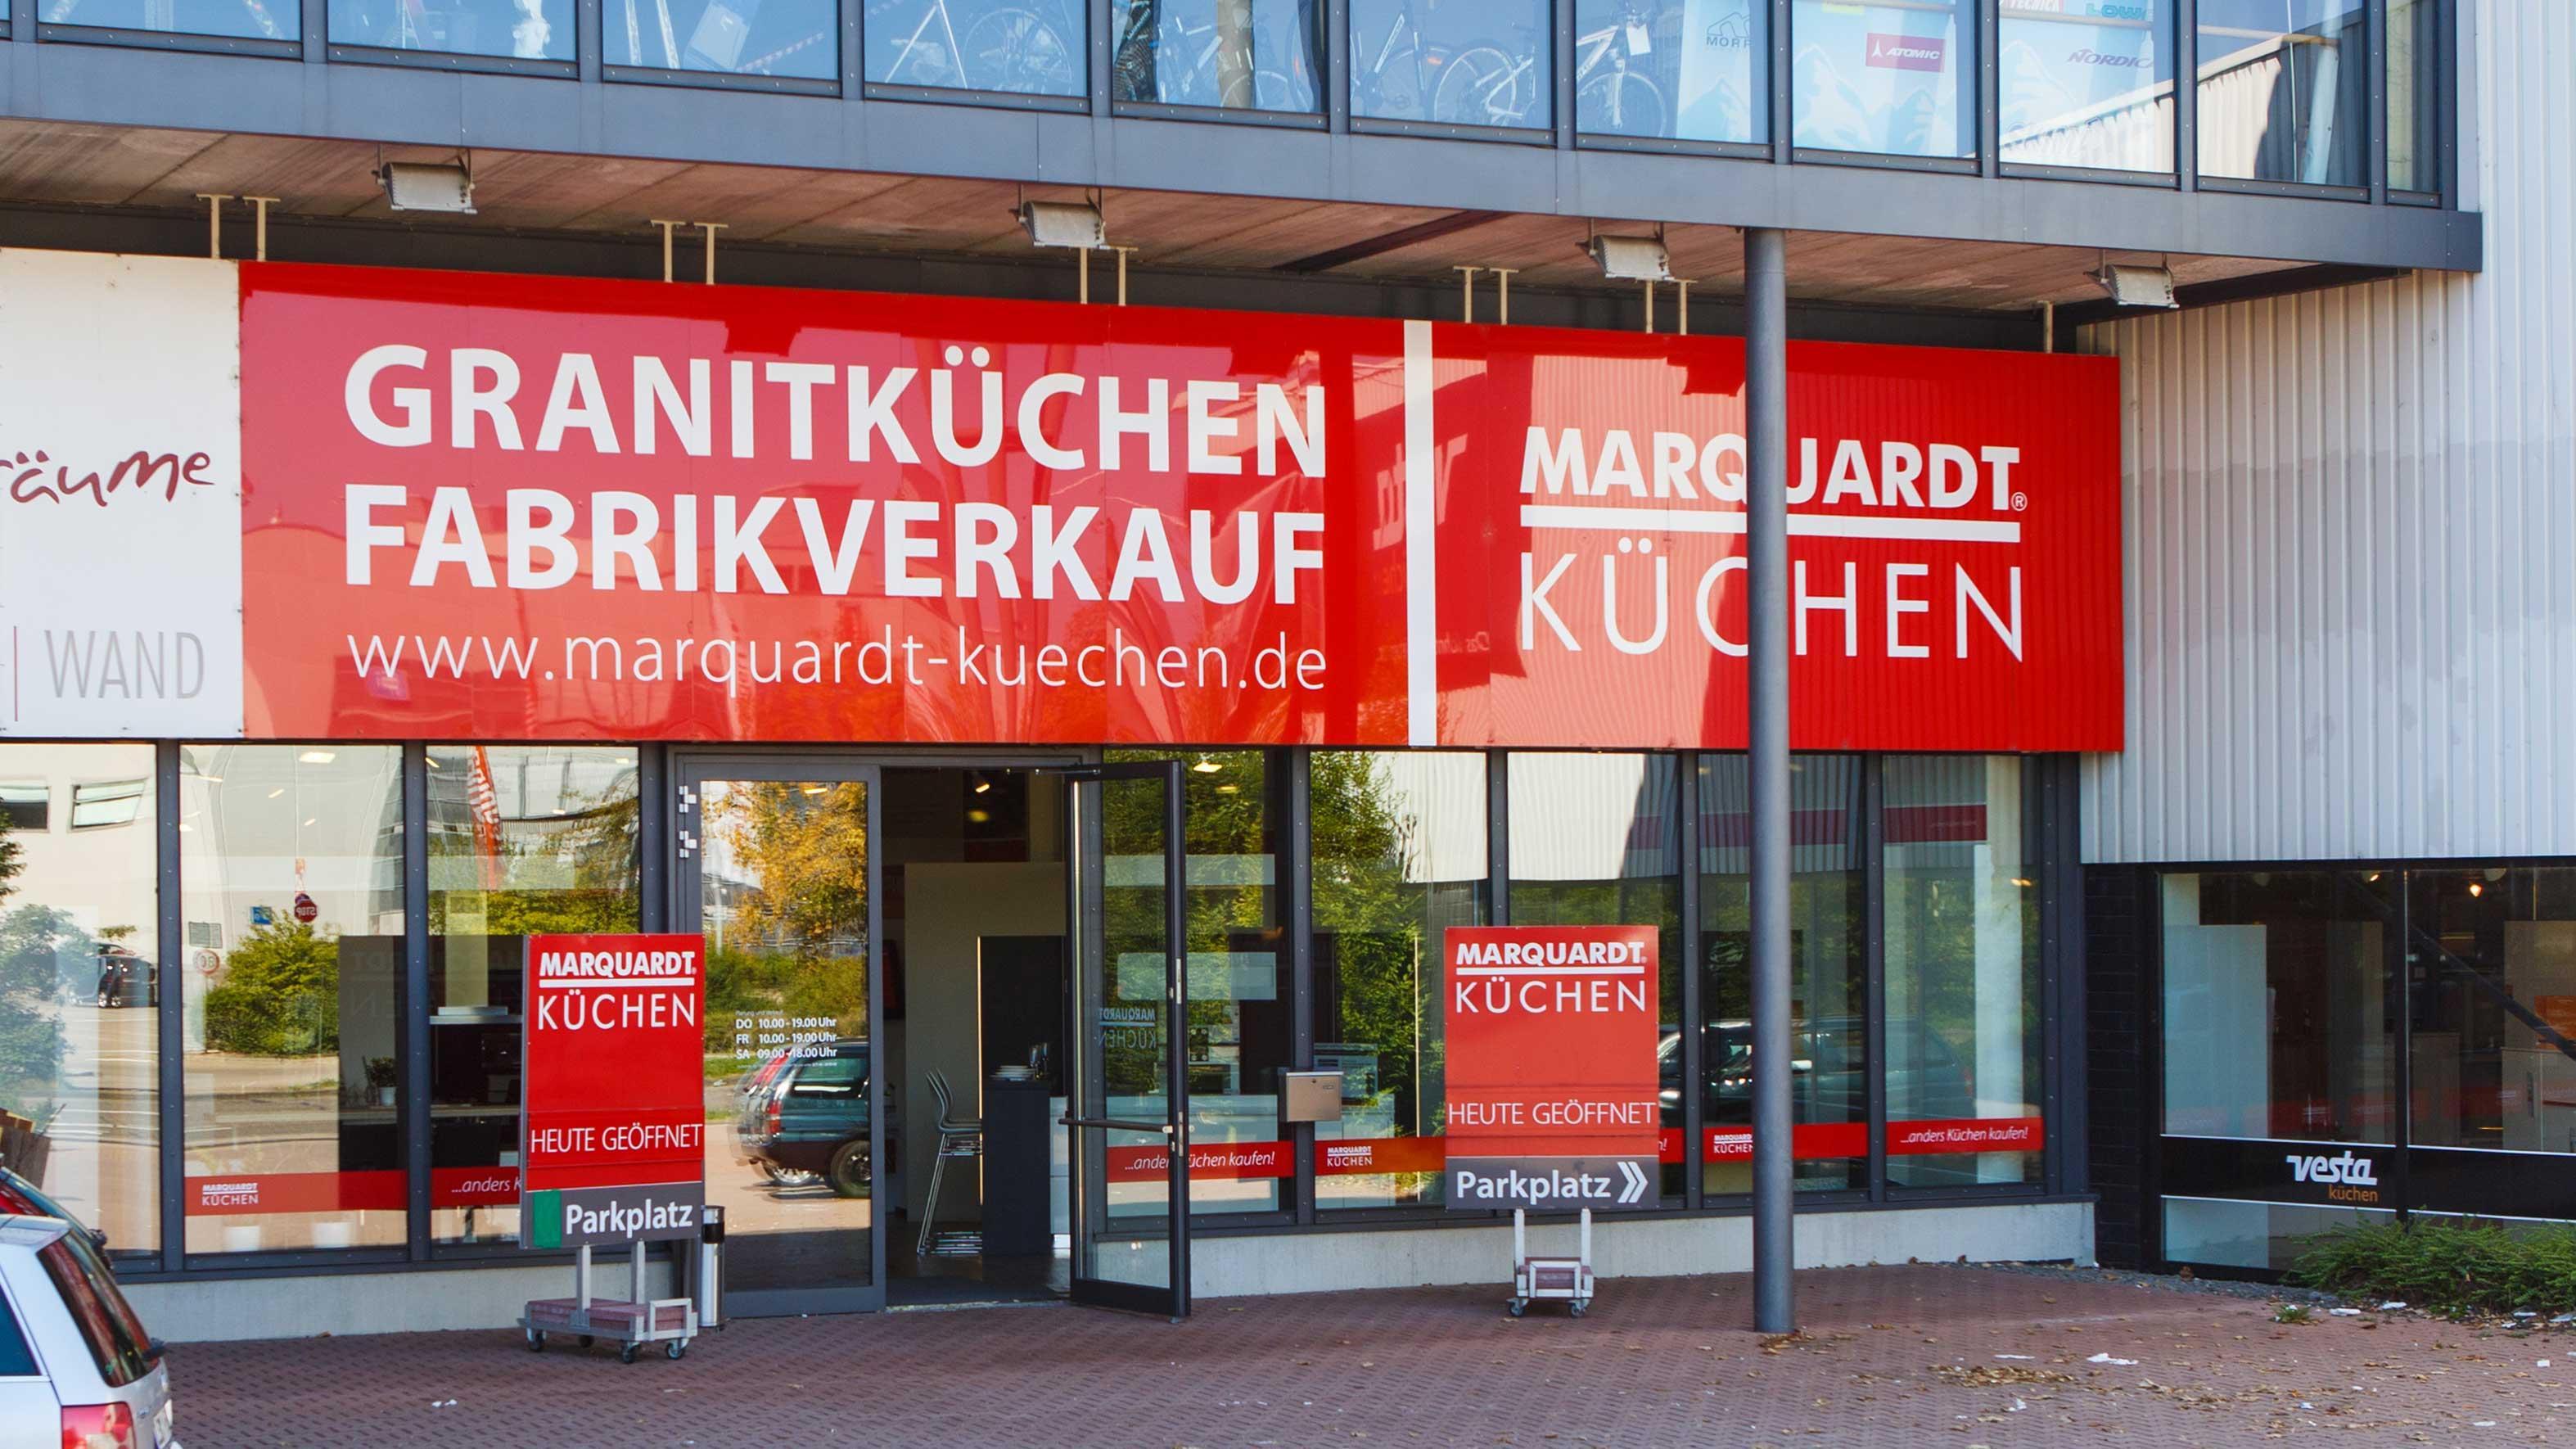 Marquardt Küchen • Ludwigsburg, Porschestraße 8 - Öffnungszeiten ...